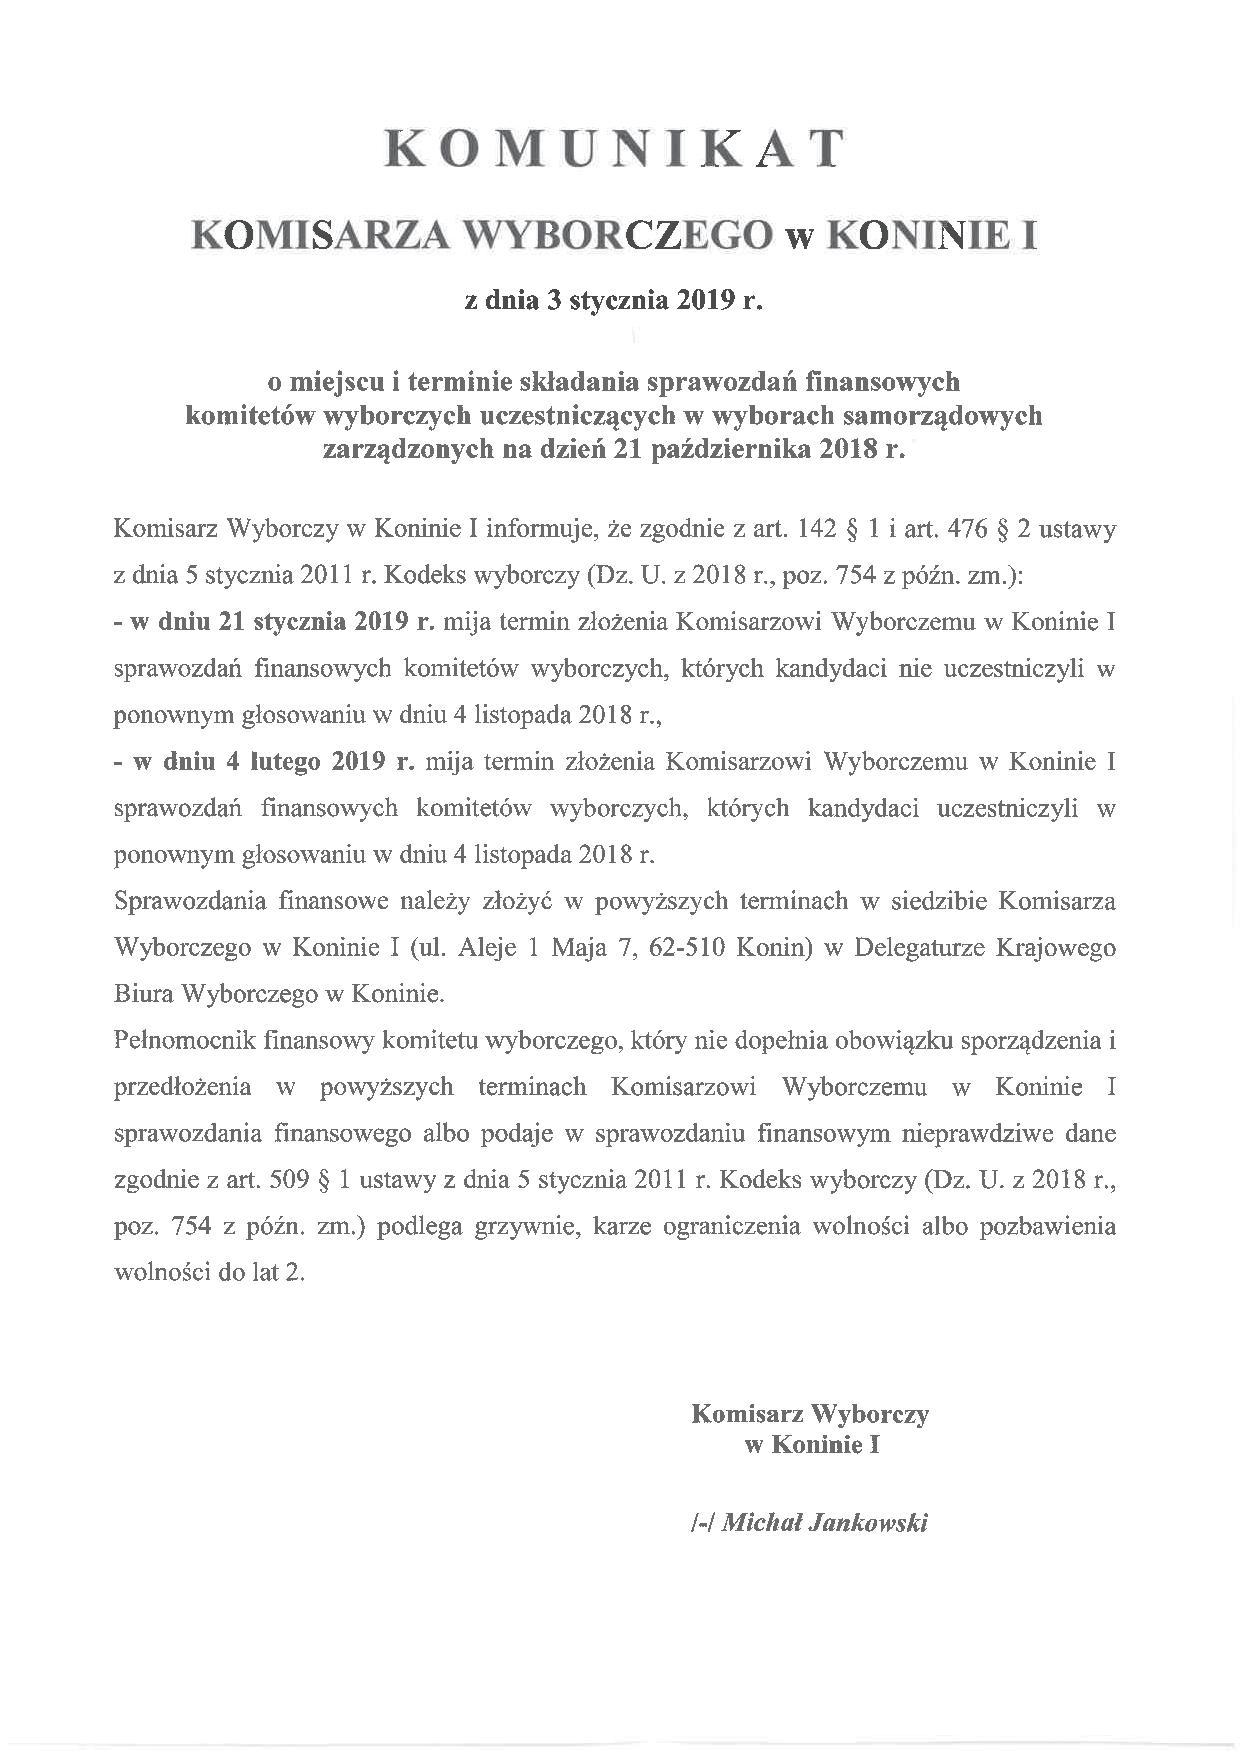 Komunikat Komisarza Wyborczego dotyczący miejsca i terminu składania sprawozdań finansowych komitetów wyborczych.